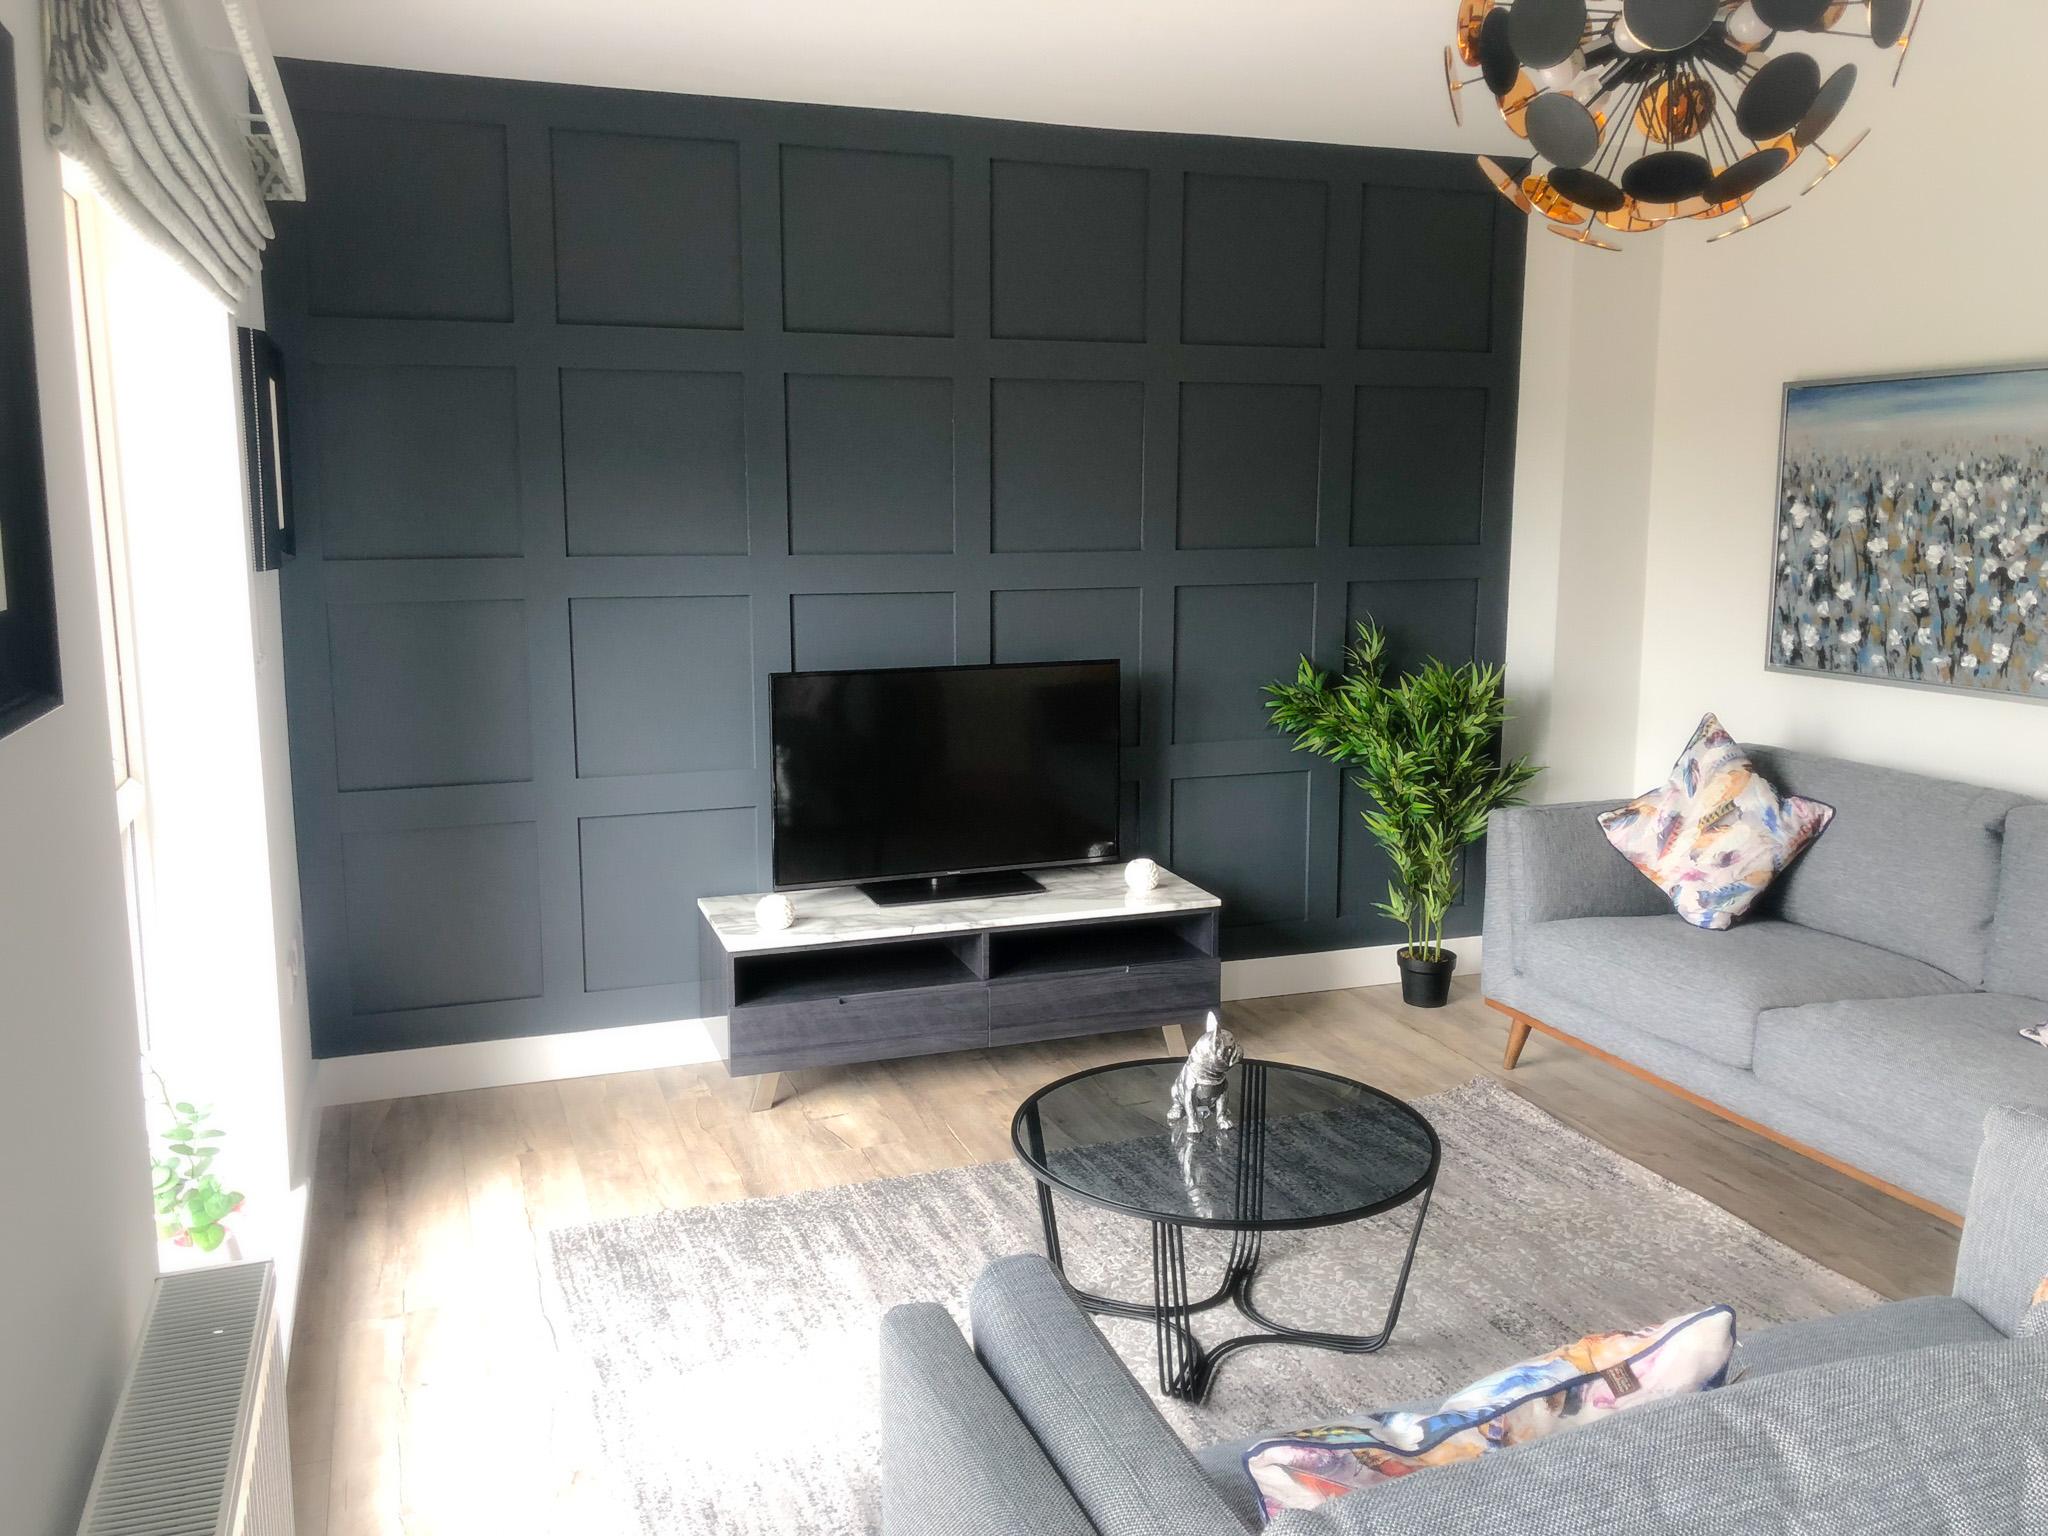 wainscoting wall panelling portmarnock dublin (1).jpg